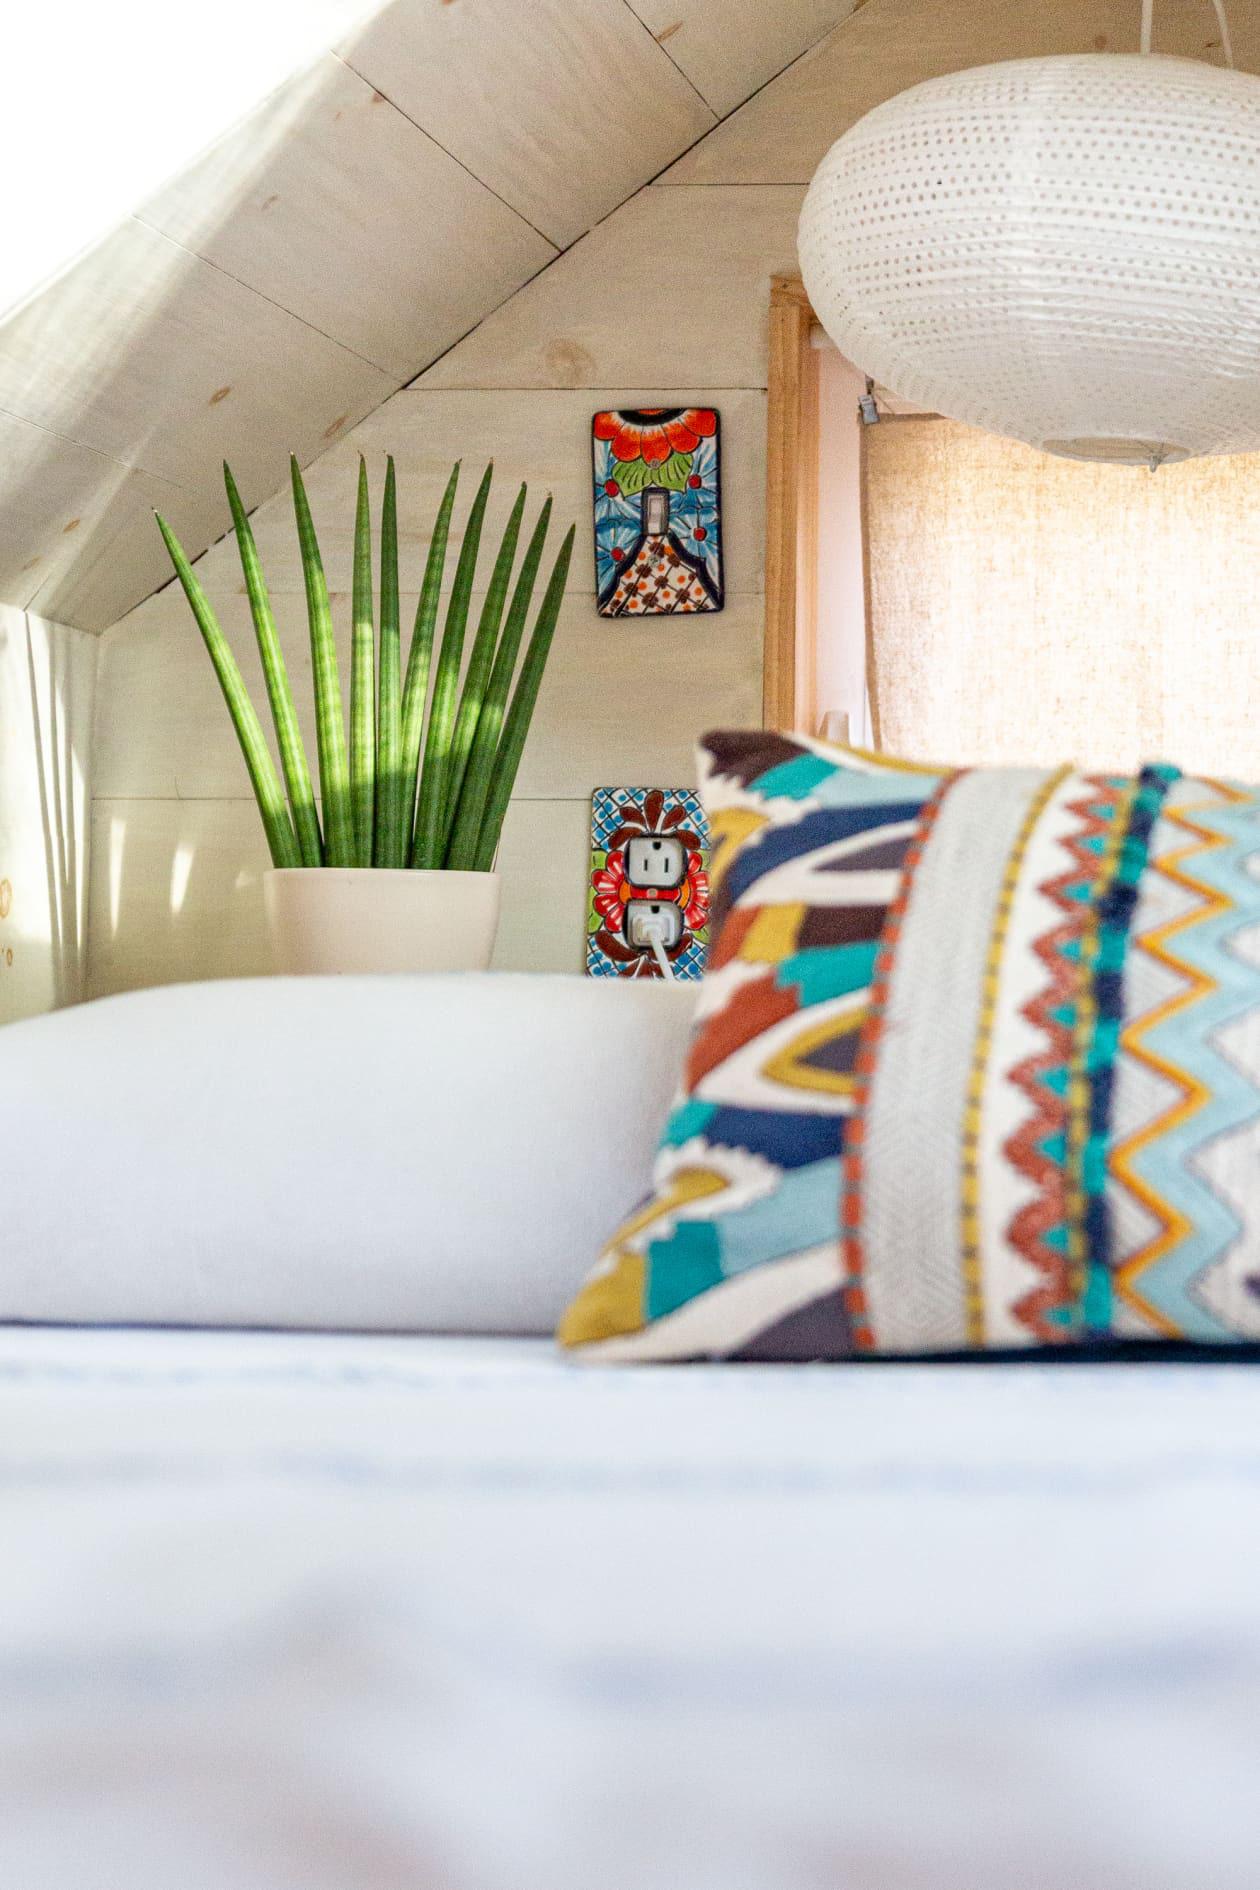 Thiết kế nhà nhỏ 44m2 theo phong cách Scandinavia, màu sắc tươi sáng lấy cảm hứng từ nghệ thuật truyền thống Mexico, dệt may, và gốm sứ tuyệt đẹp - Ảnh 4.